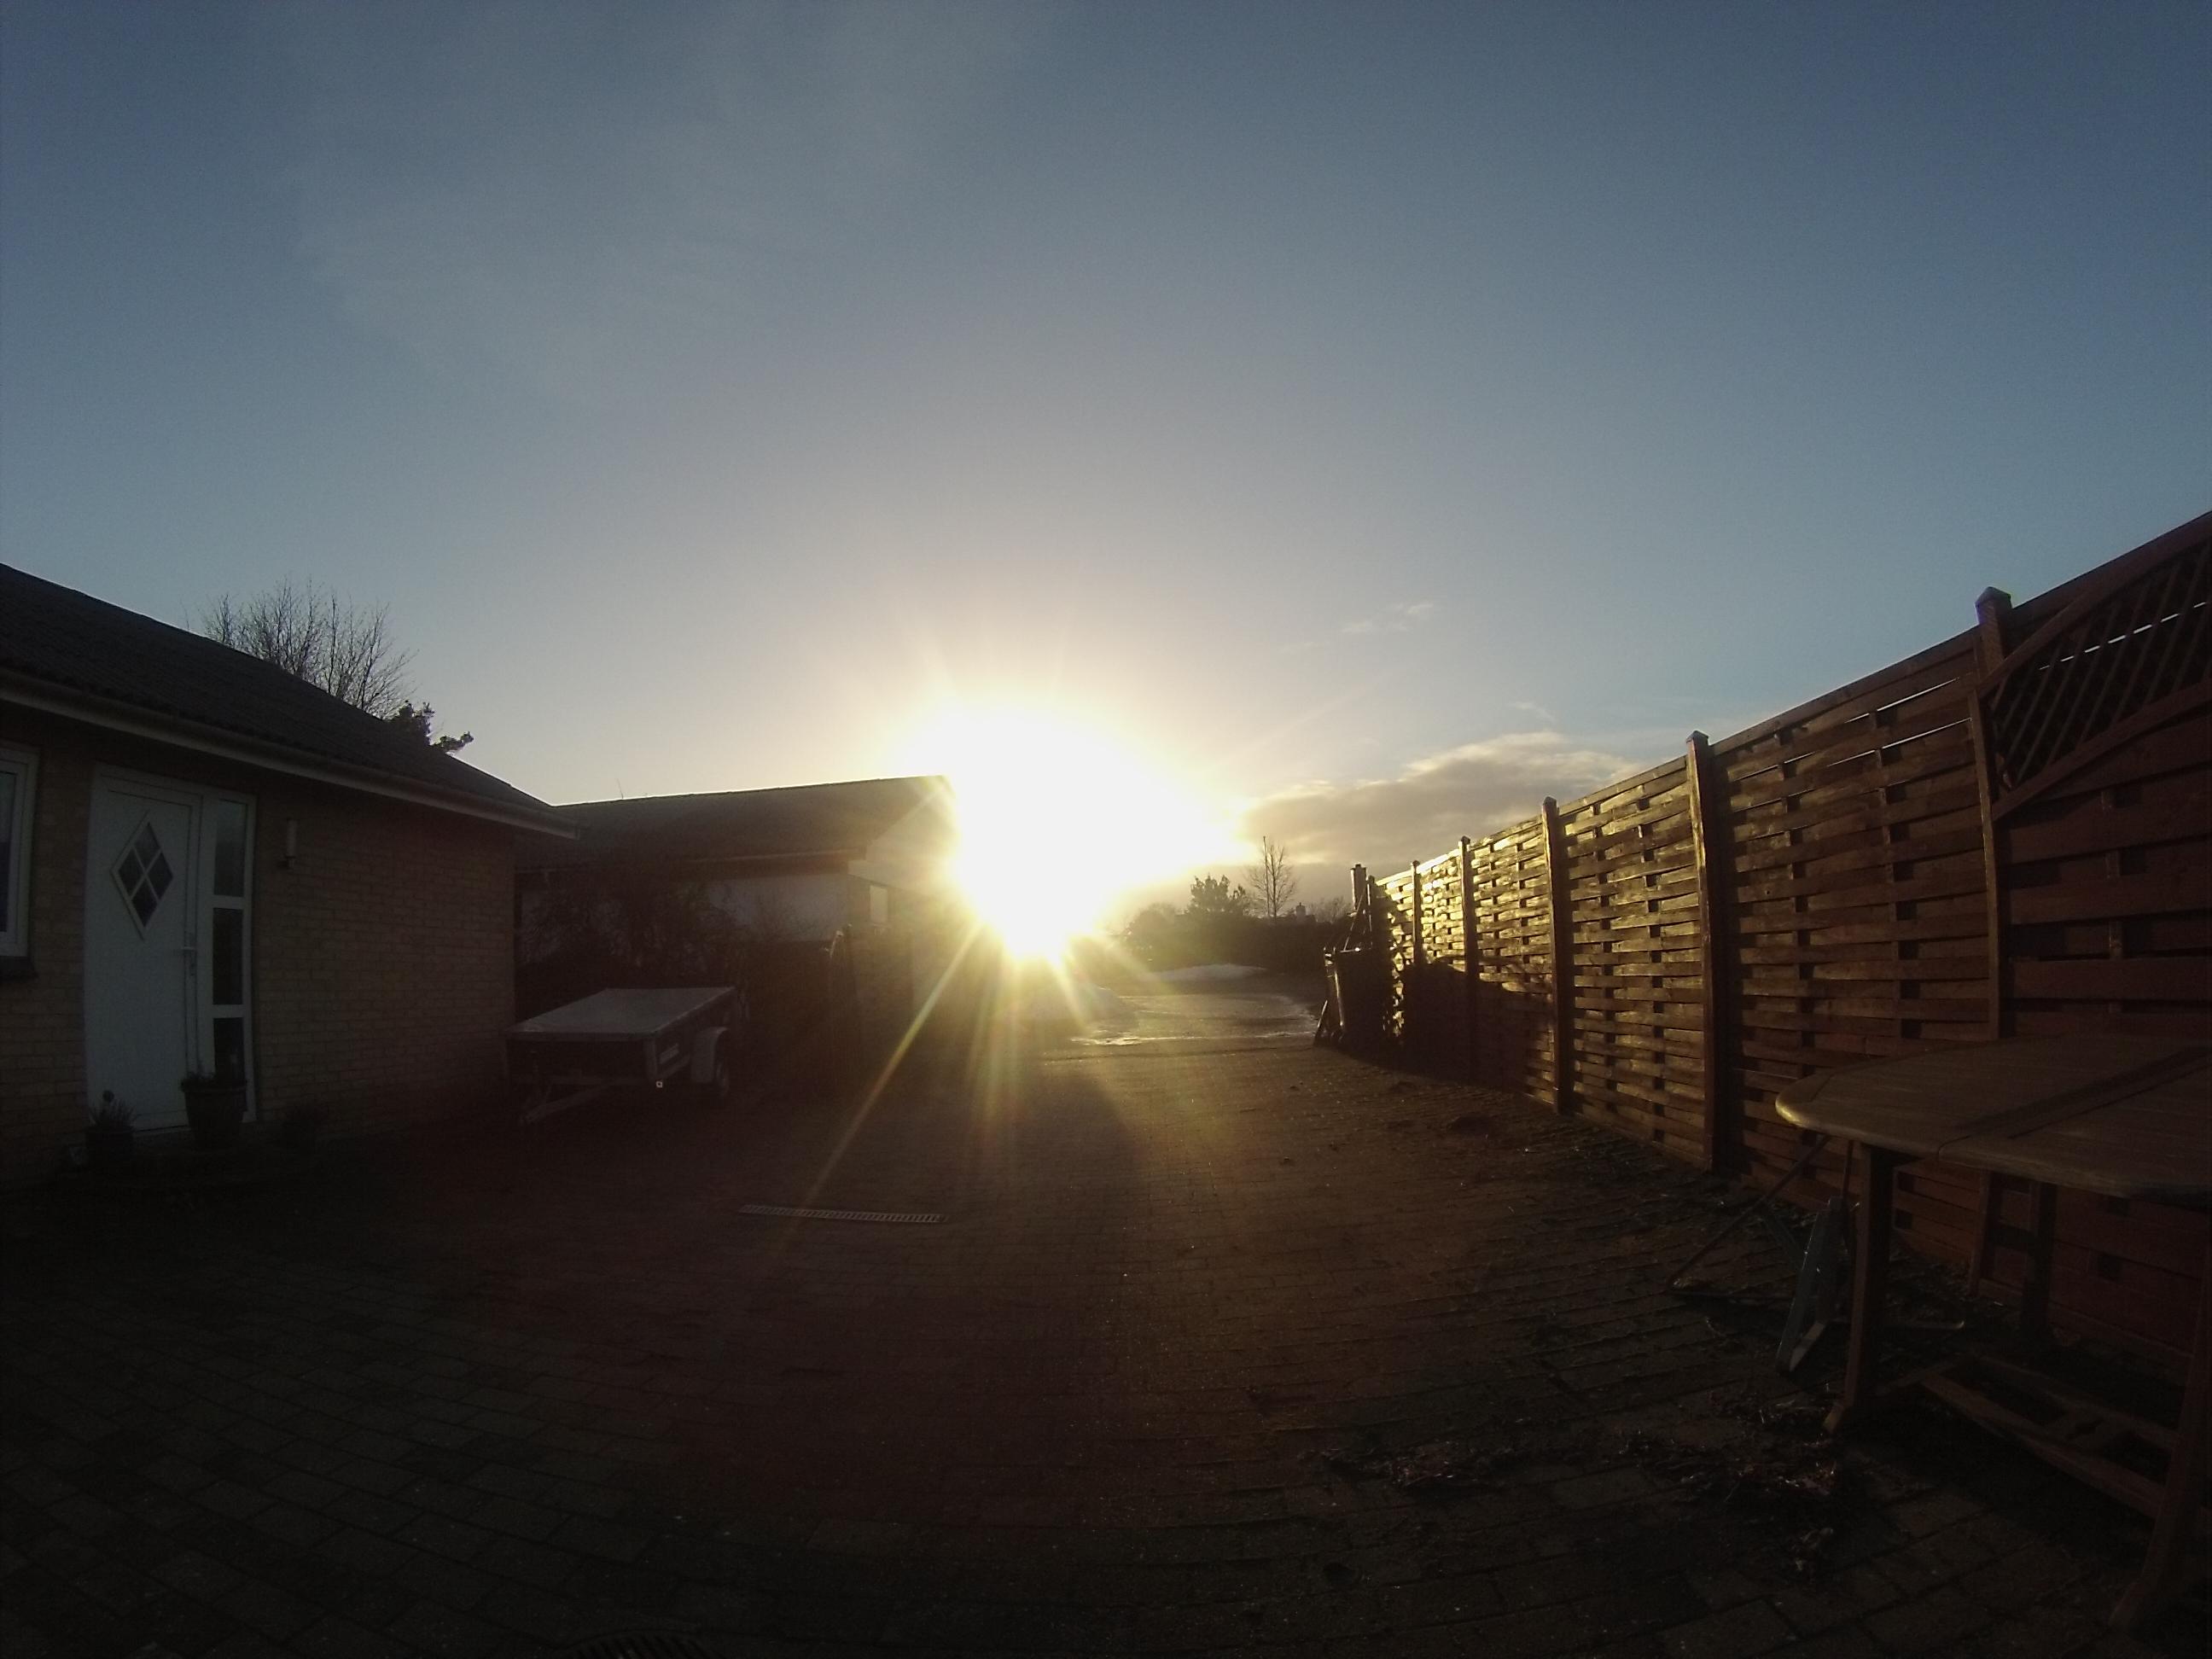 Hjemme igen, og solen kom